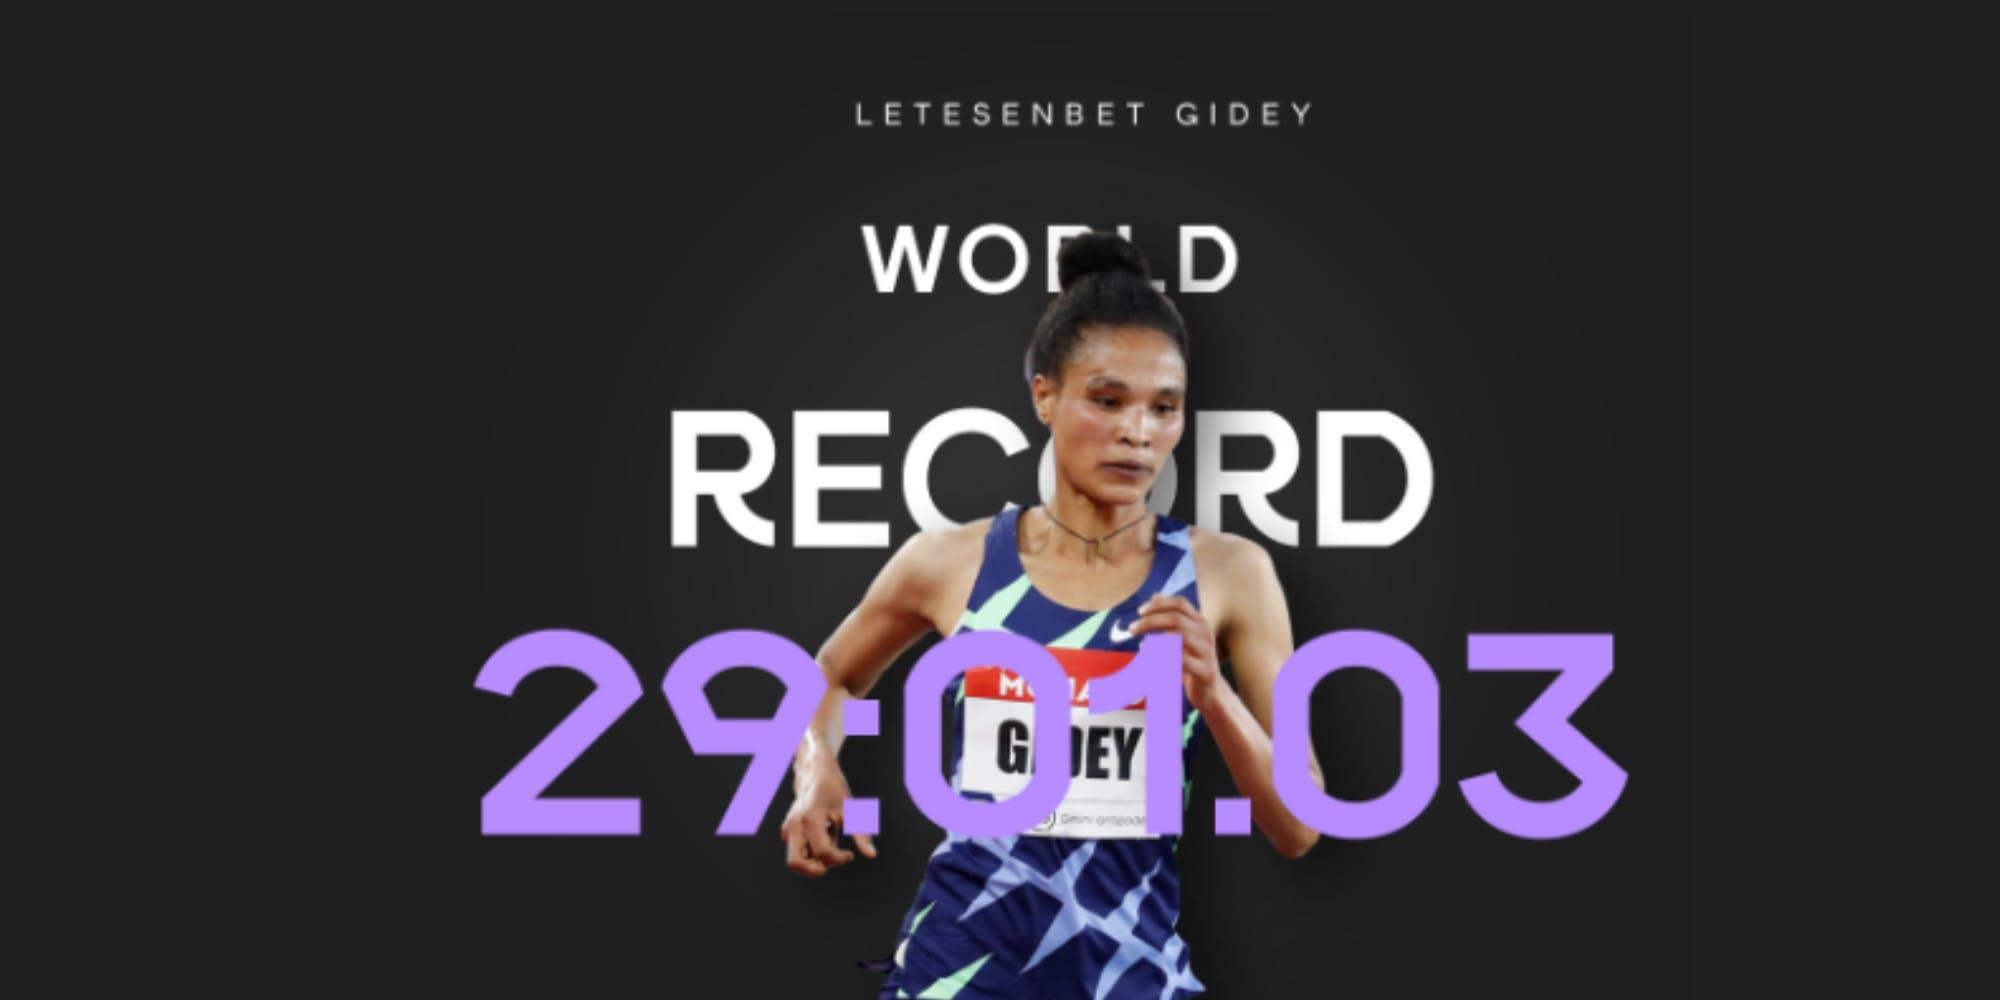 Έσπασε ξανά το παγκόσμιο ρεκόρ στα 10.000 μ. γυναικών, 29:01.03 από τη φοβερή Gidey